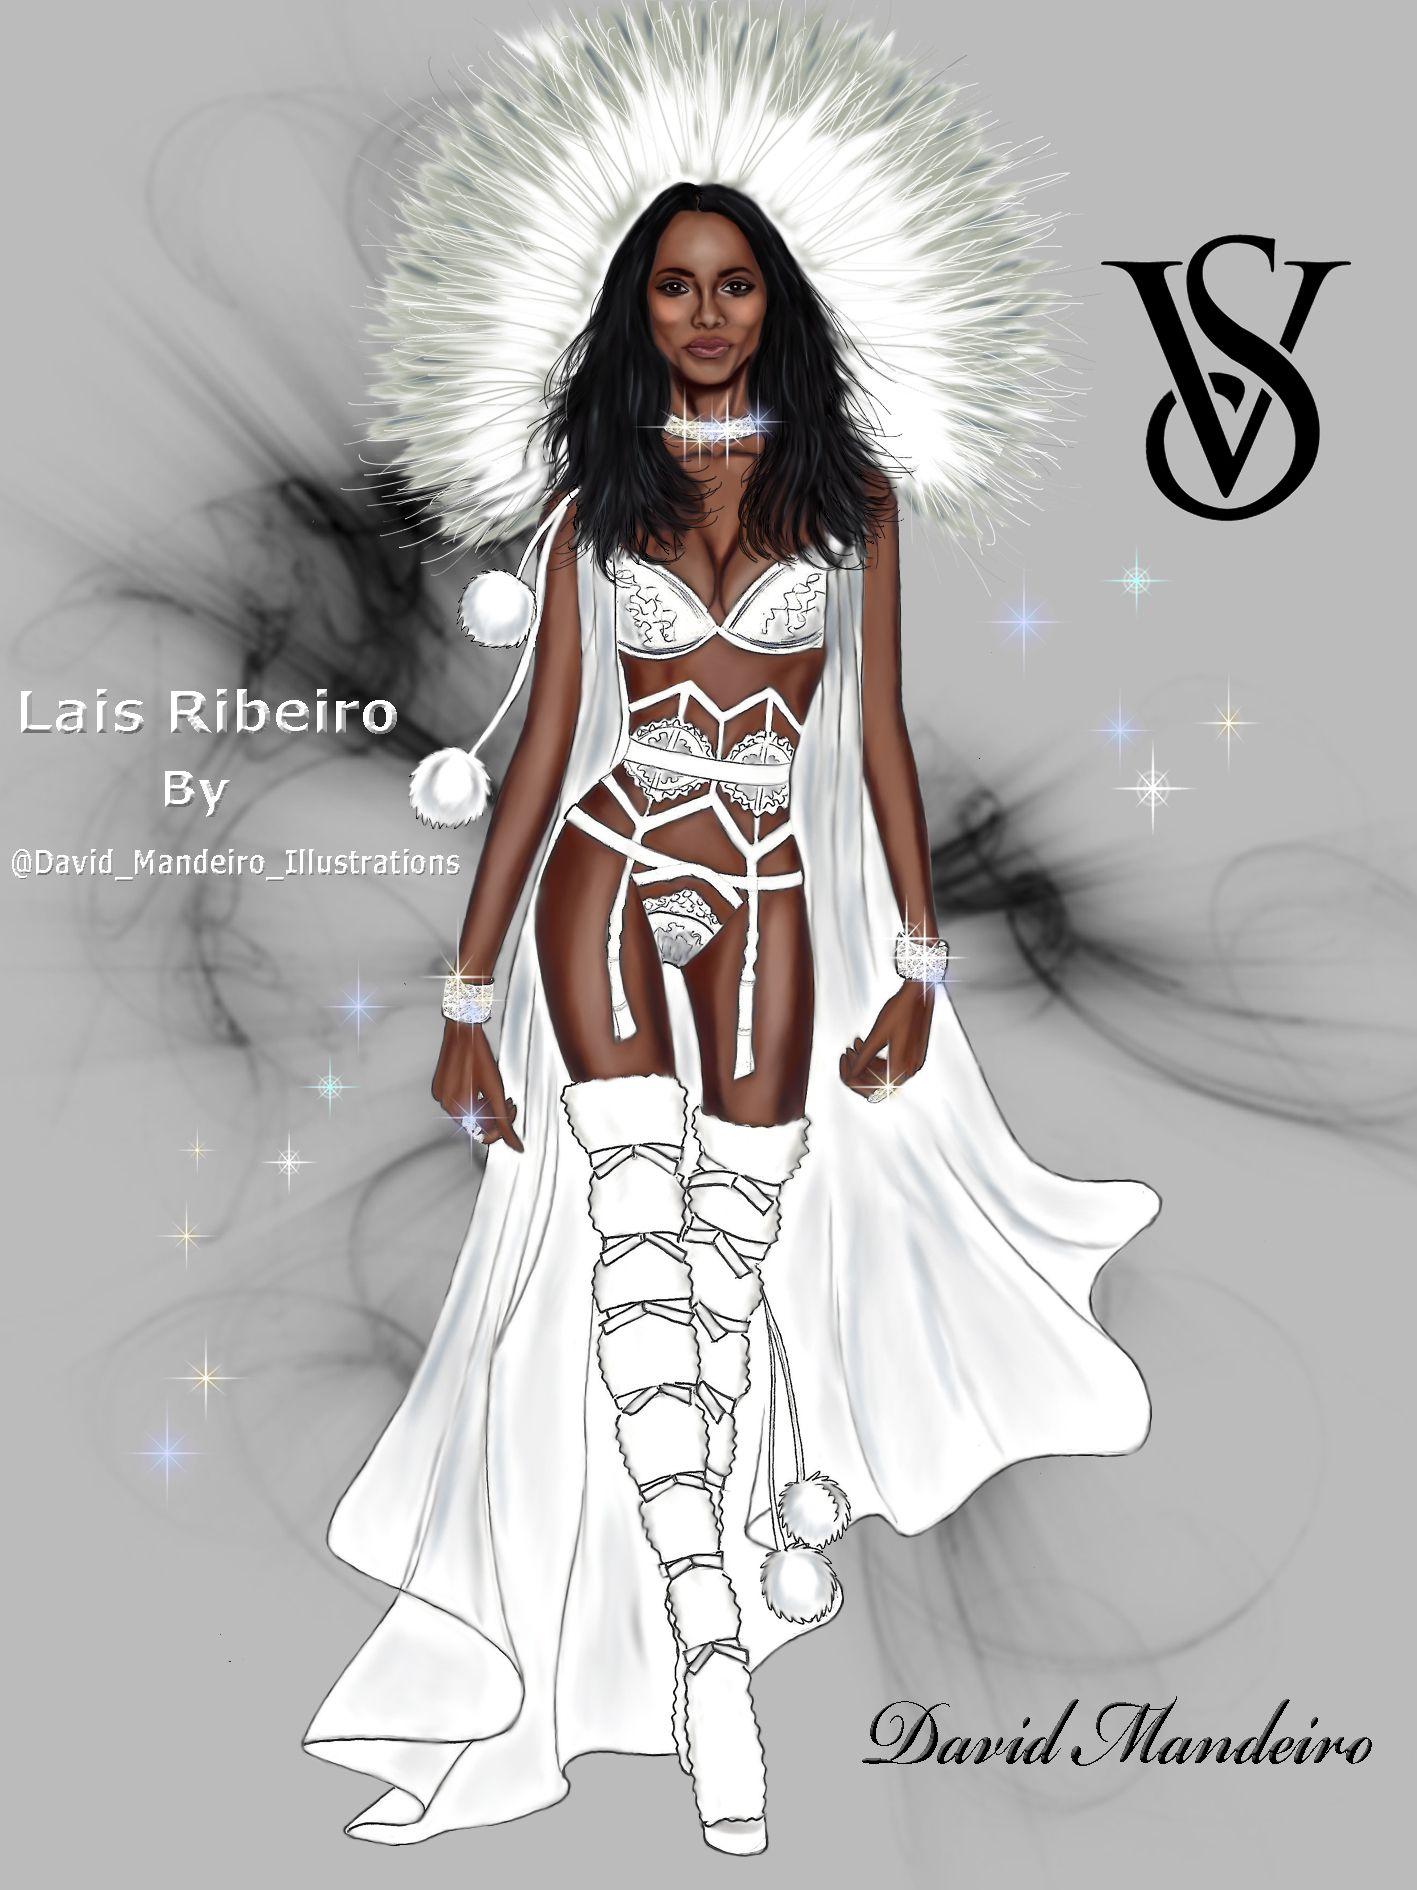 1417x1890 Lais Ribeiro For Victoria's Secret Fashion Show 2015 By David